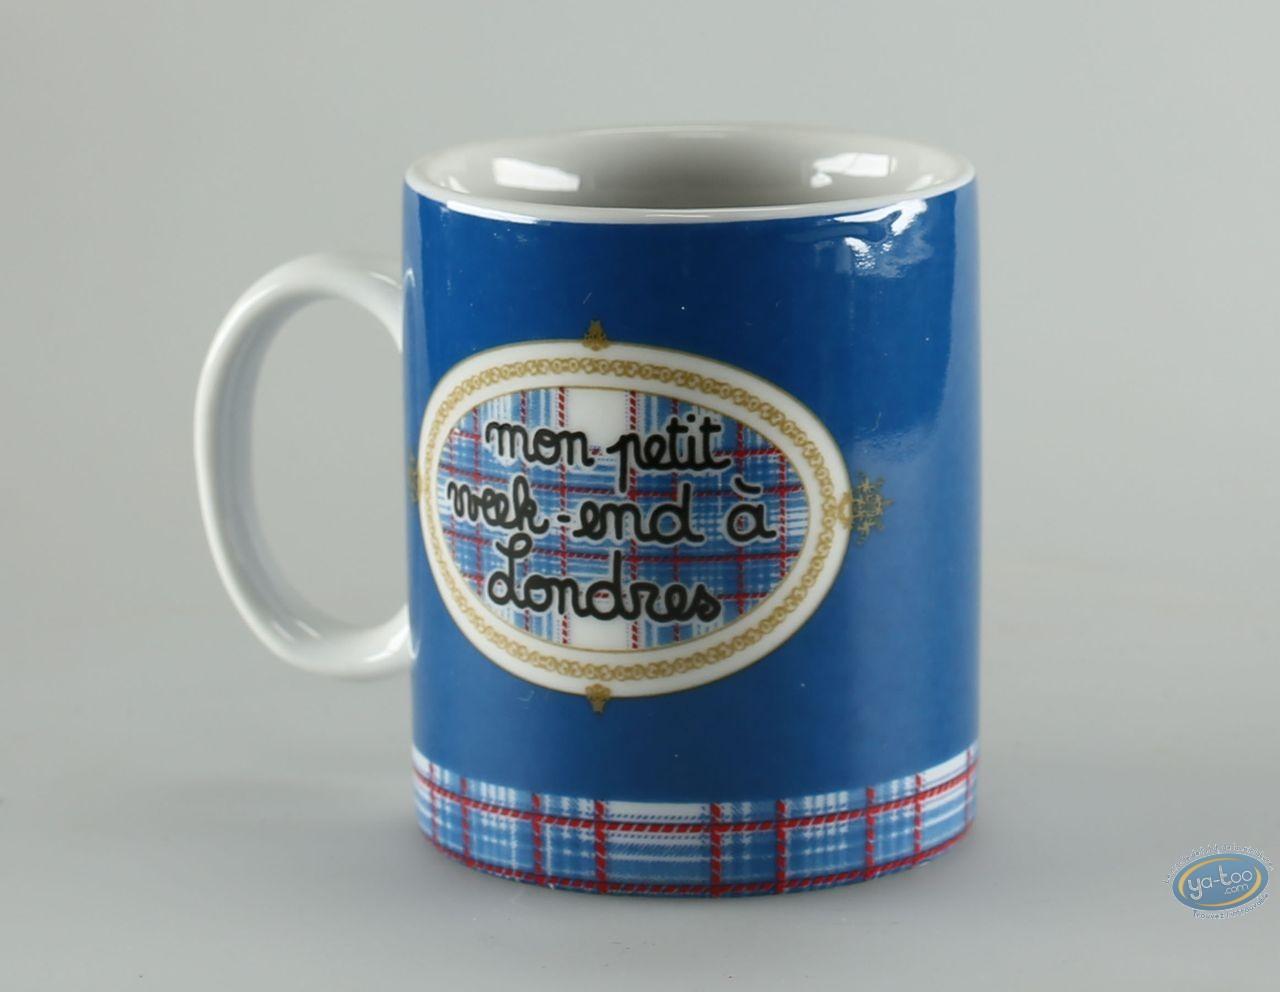 vente en ligne art de la table - déco et des mots - mug mini deco